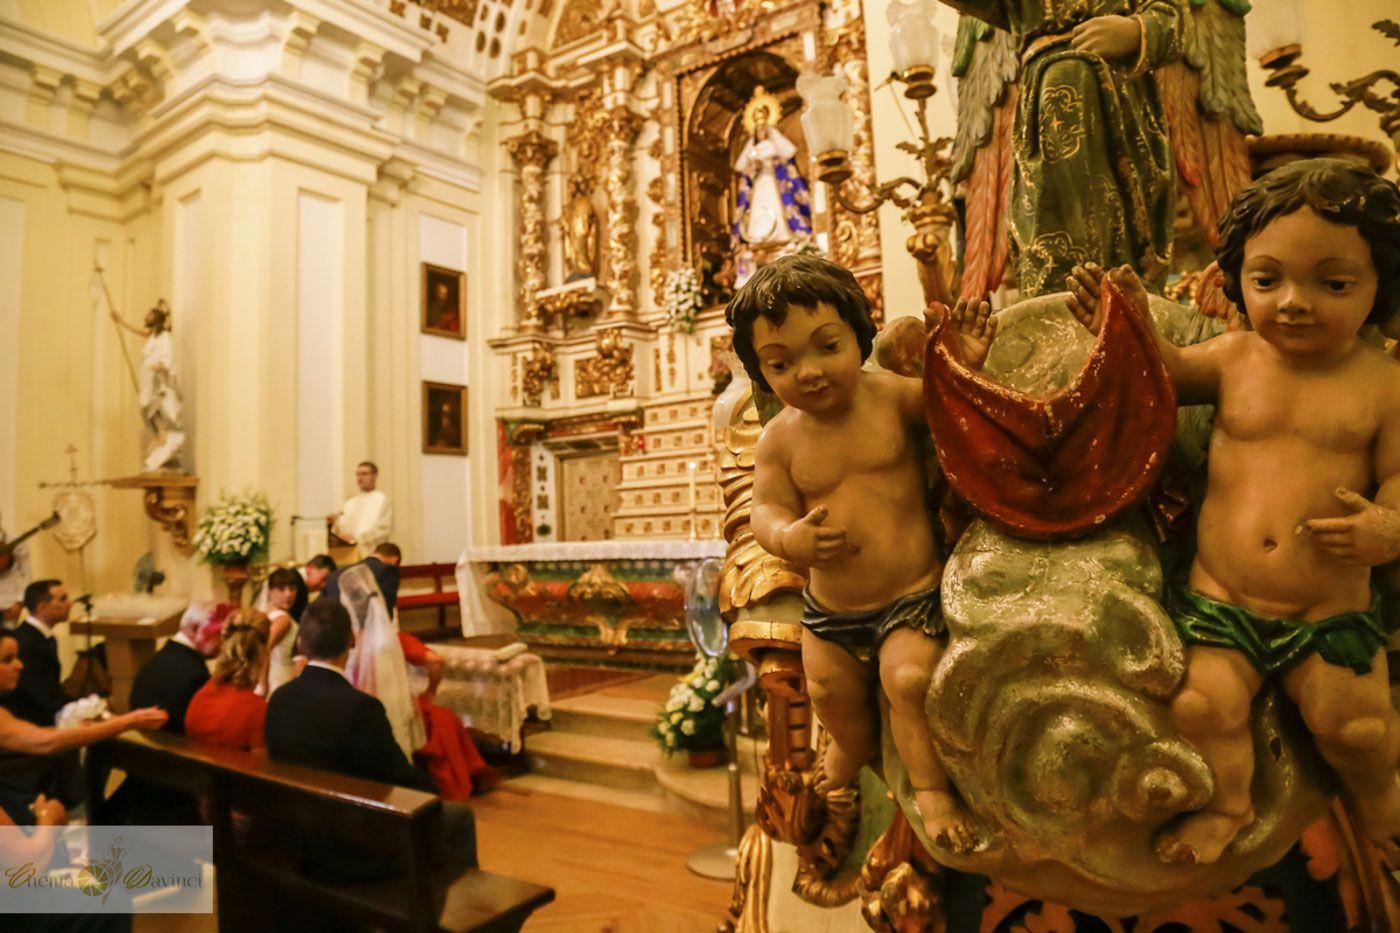 0897-iglesia-boda-lbertoypili-chemaydavinci-wb